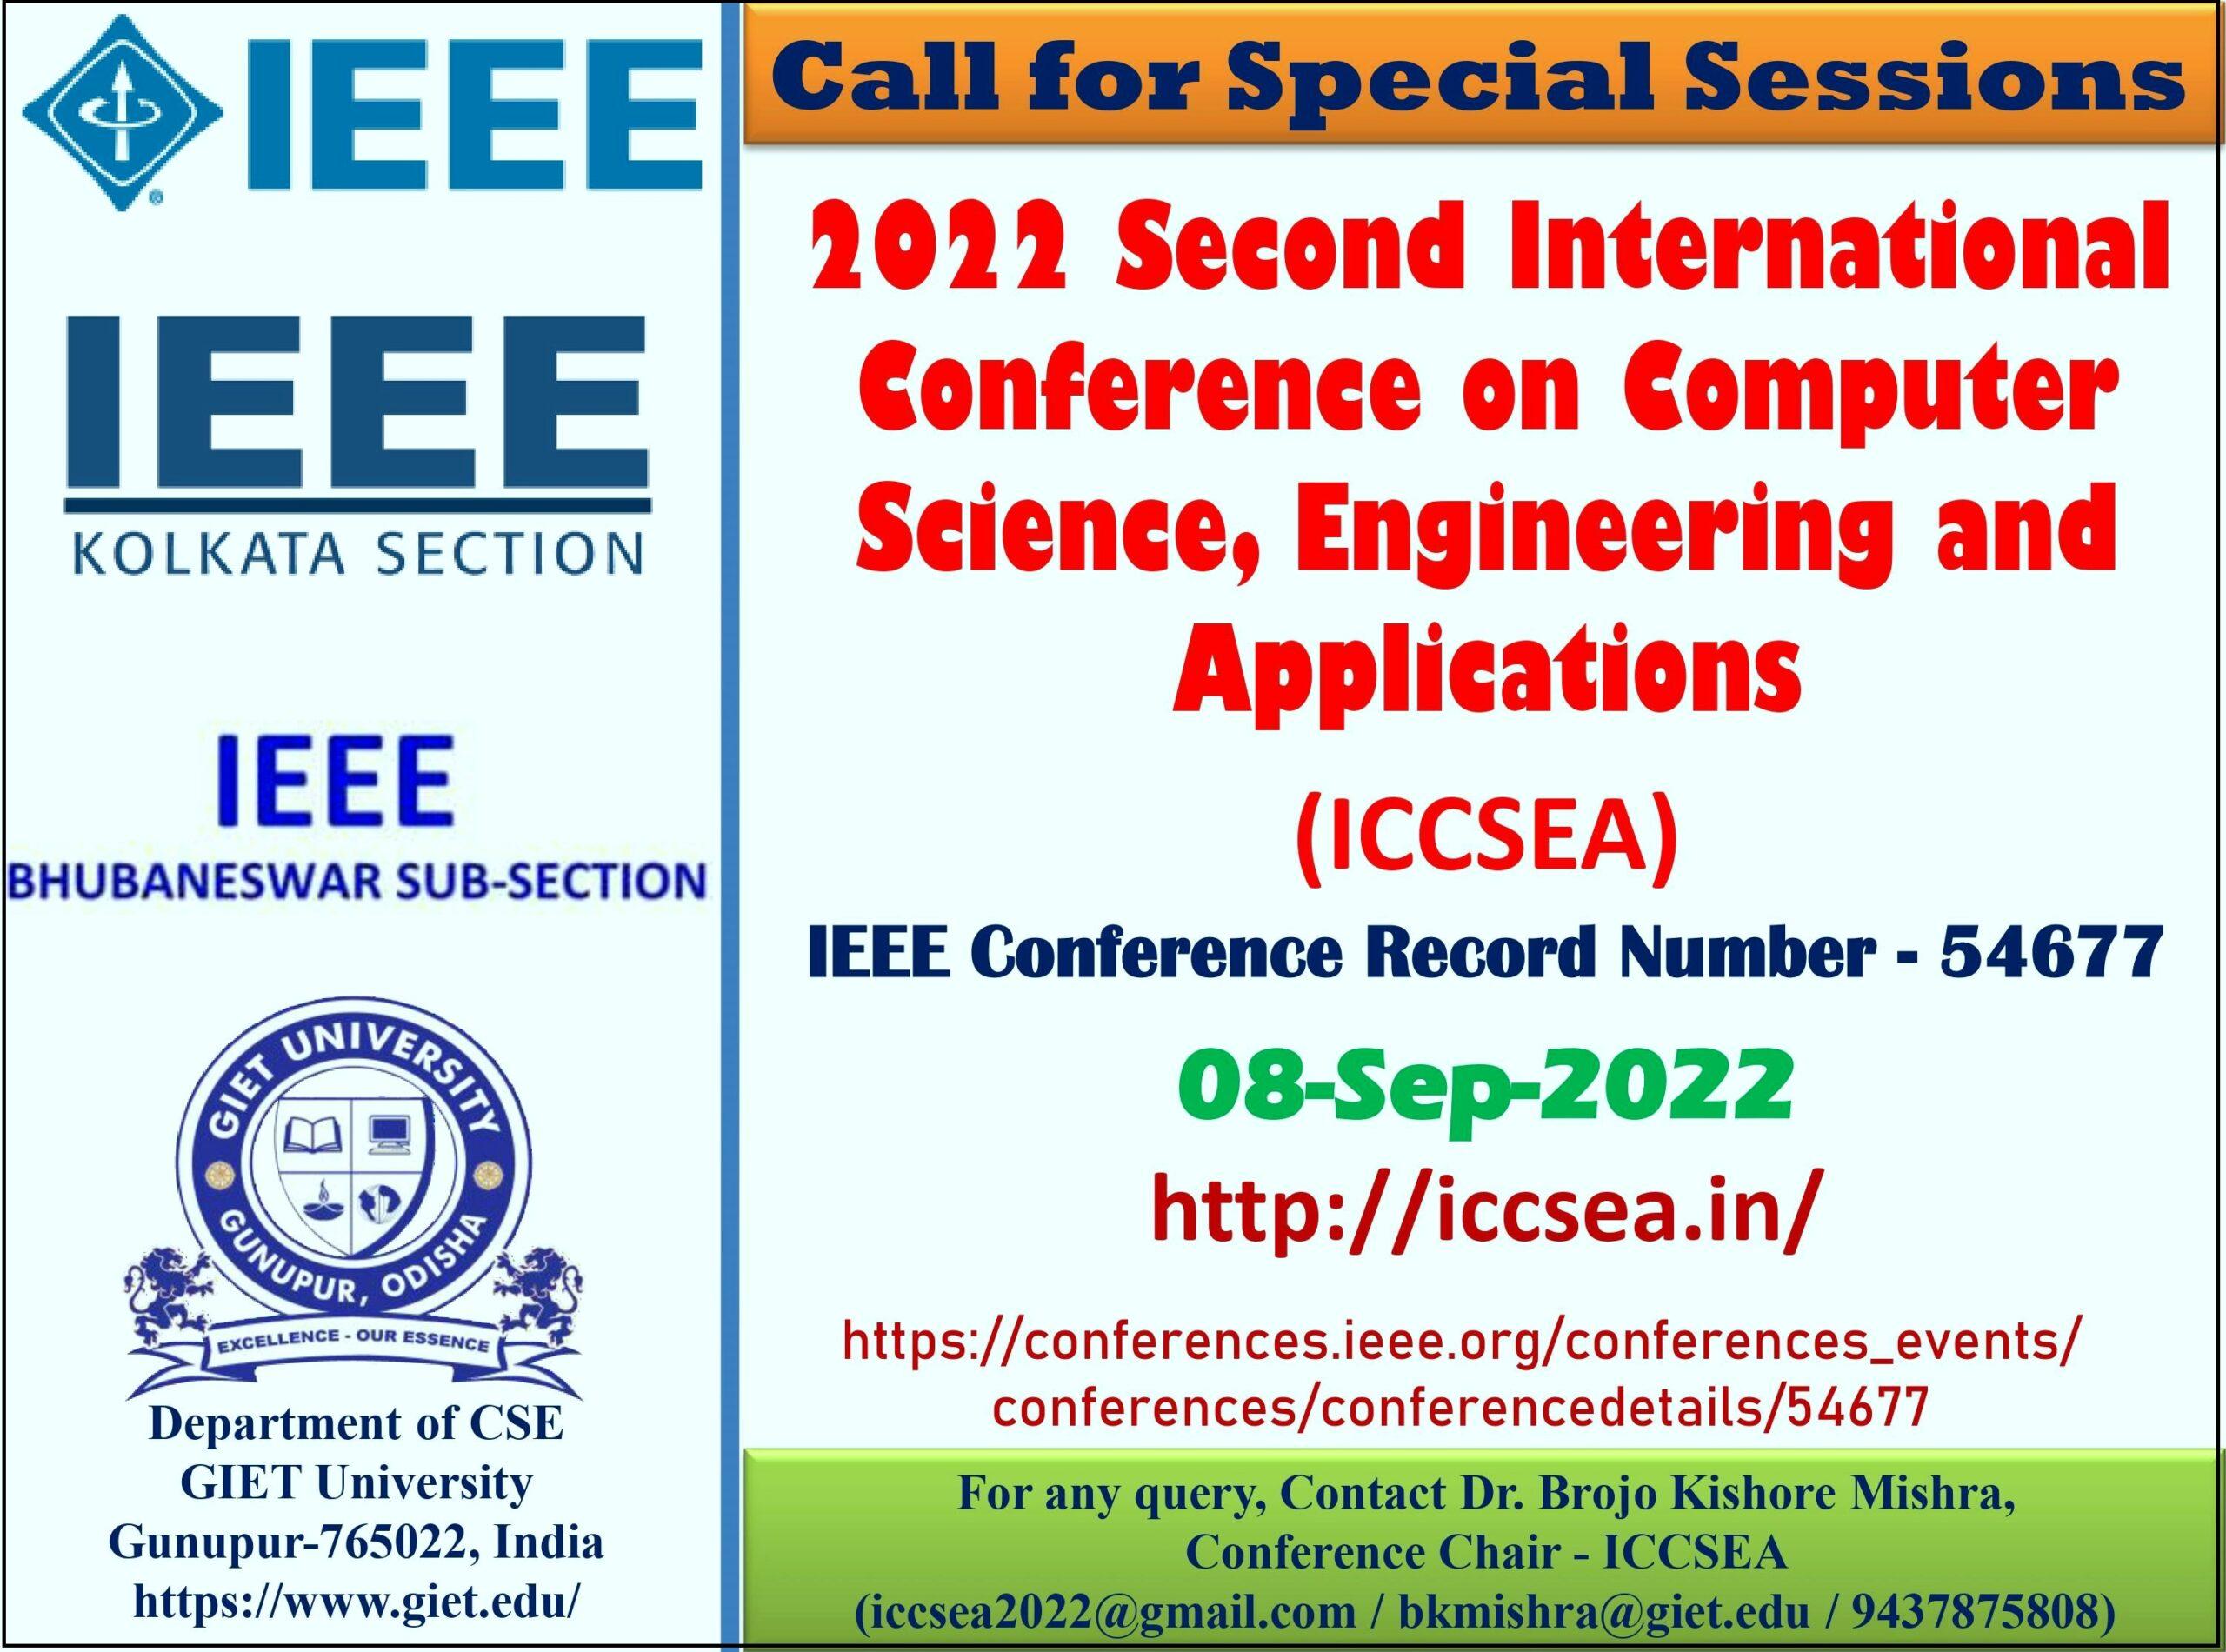 IEEE ICCSEA 2022 SS